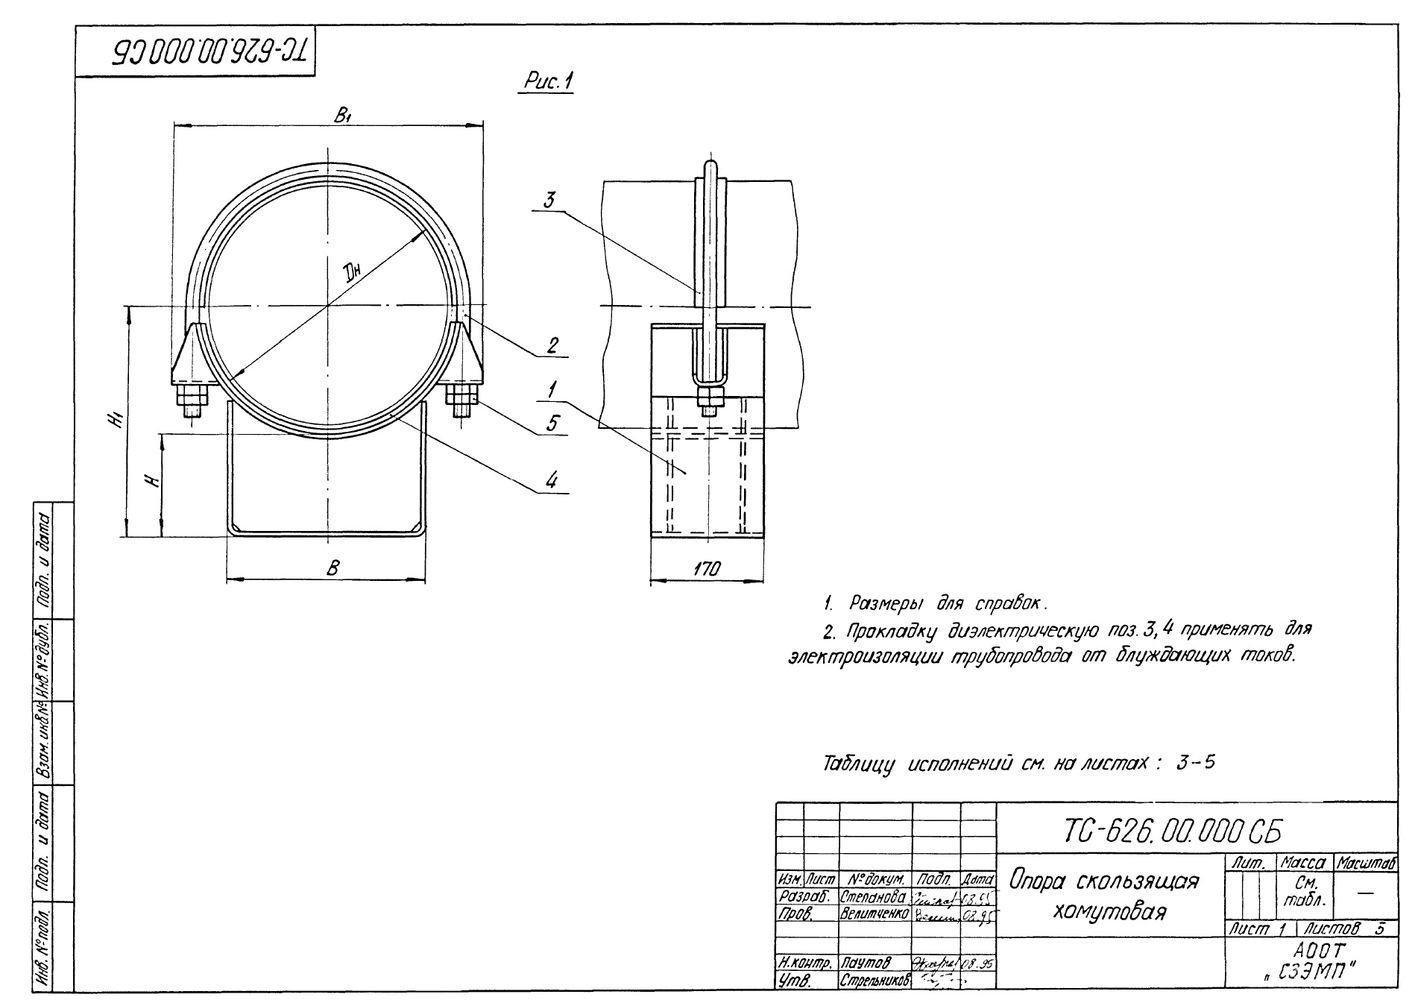 Опора скользящая хомутовая ТС-626.00.000 серия 5.903-13 выпуск 8-95 стр.1